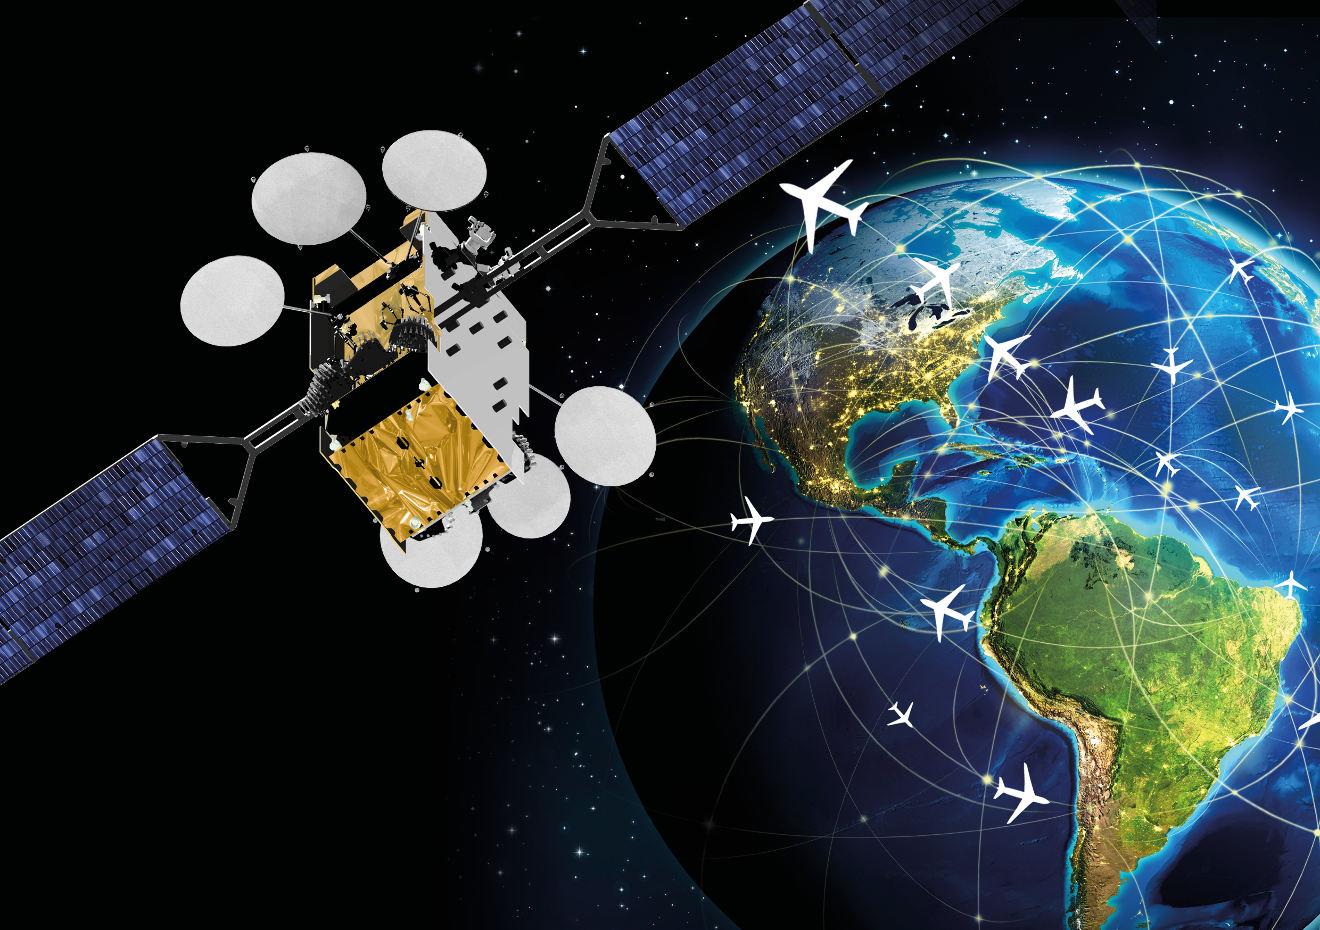 Wifi à bord des avions : Thales et SES dévoilent FlytLIVE